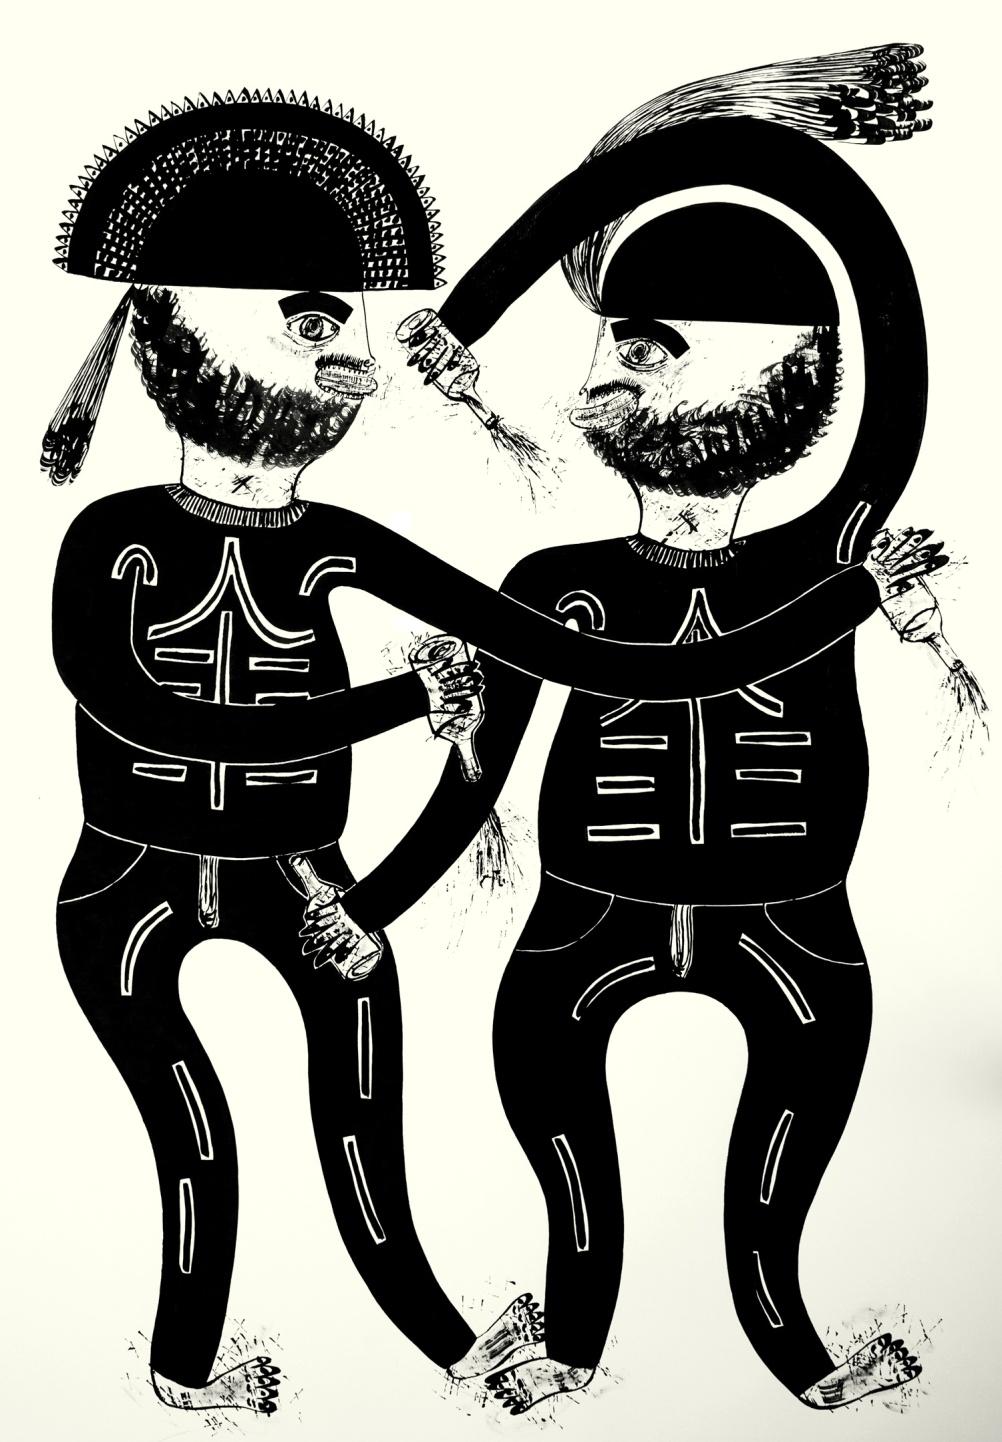 Beerfighters